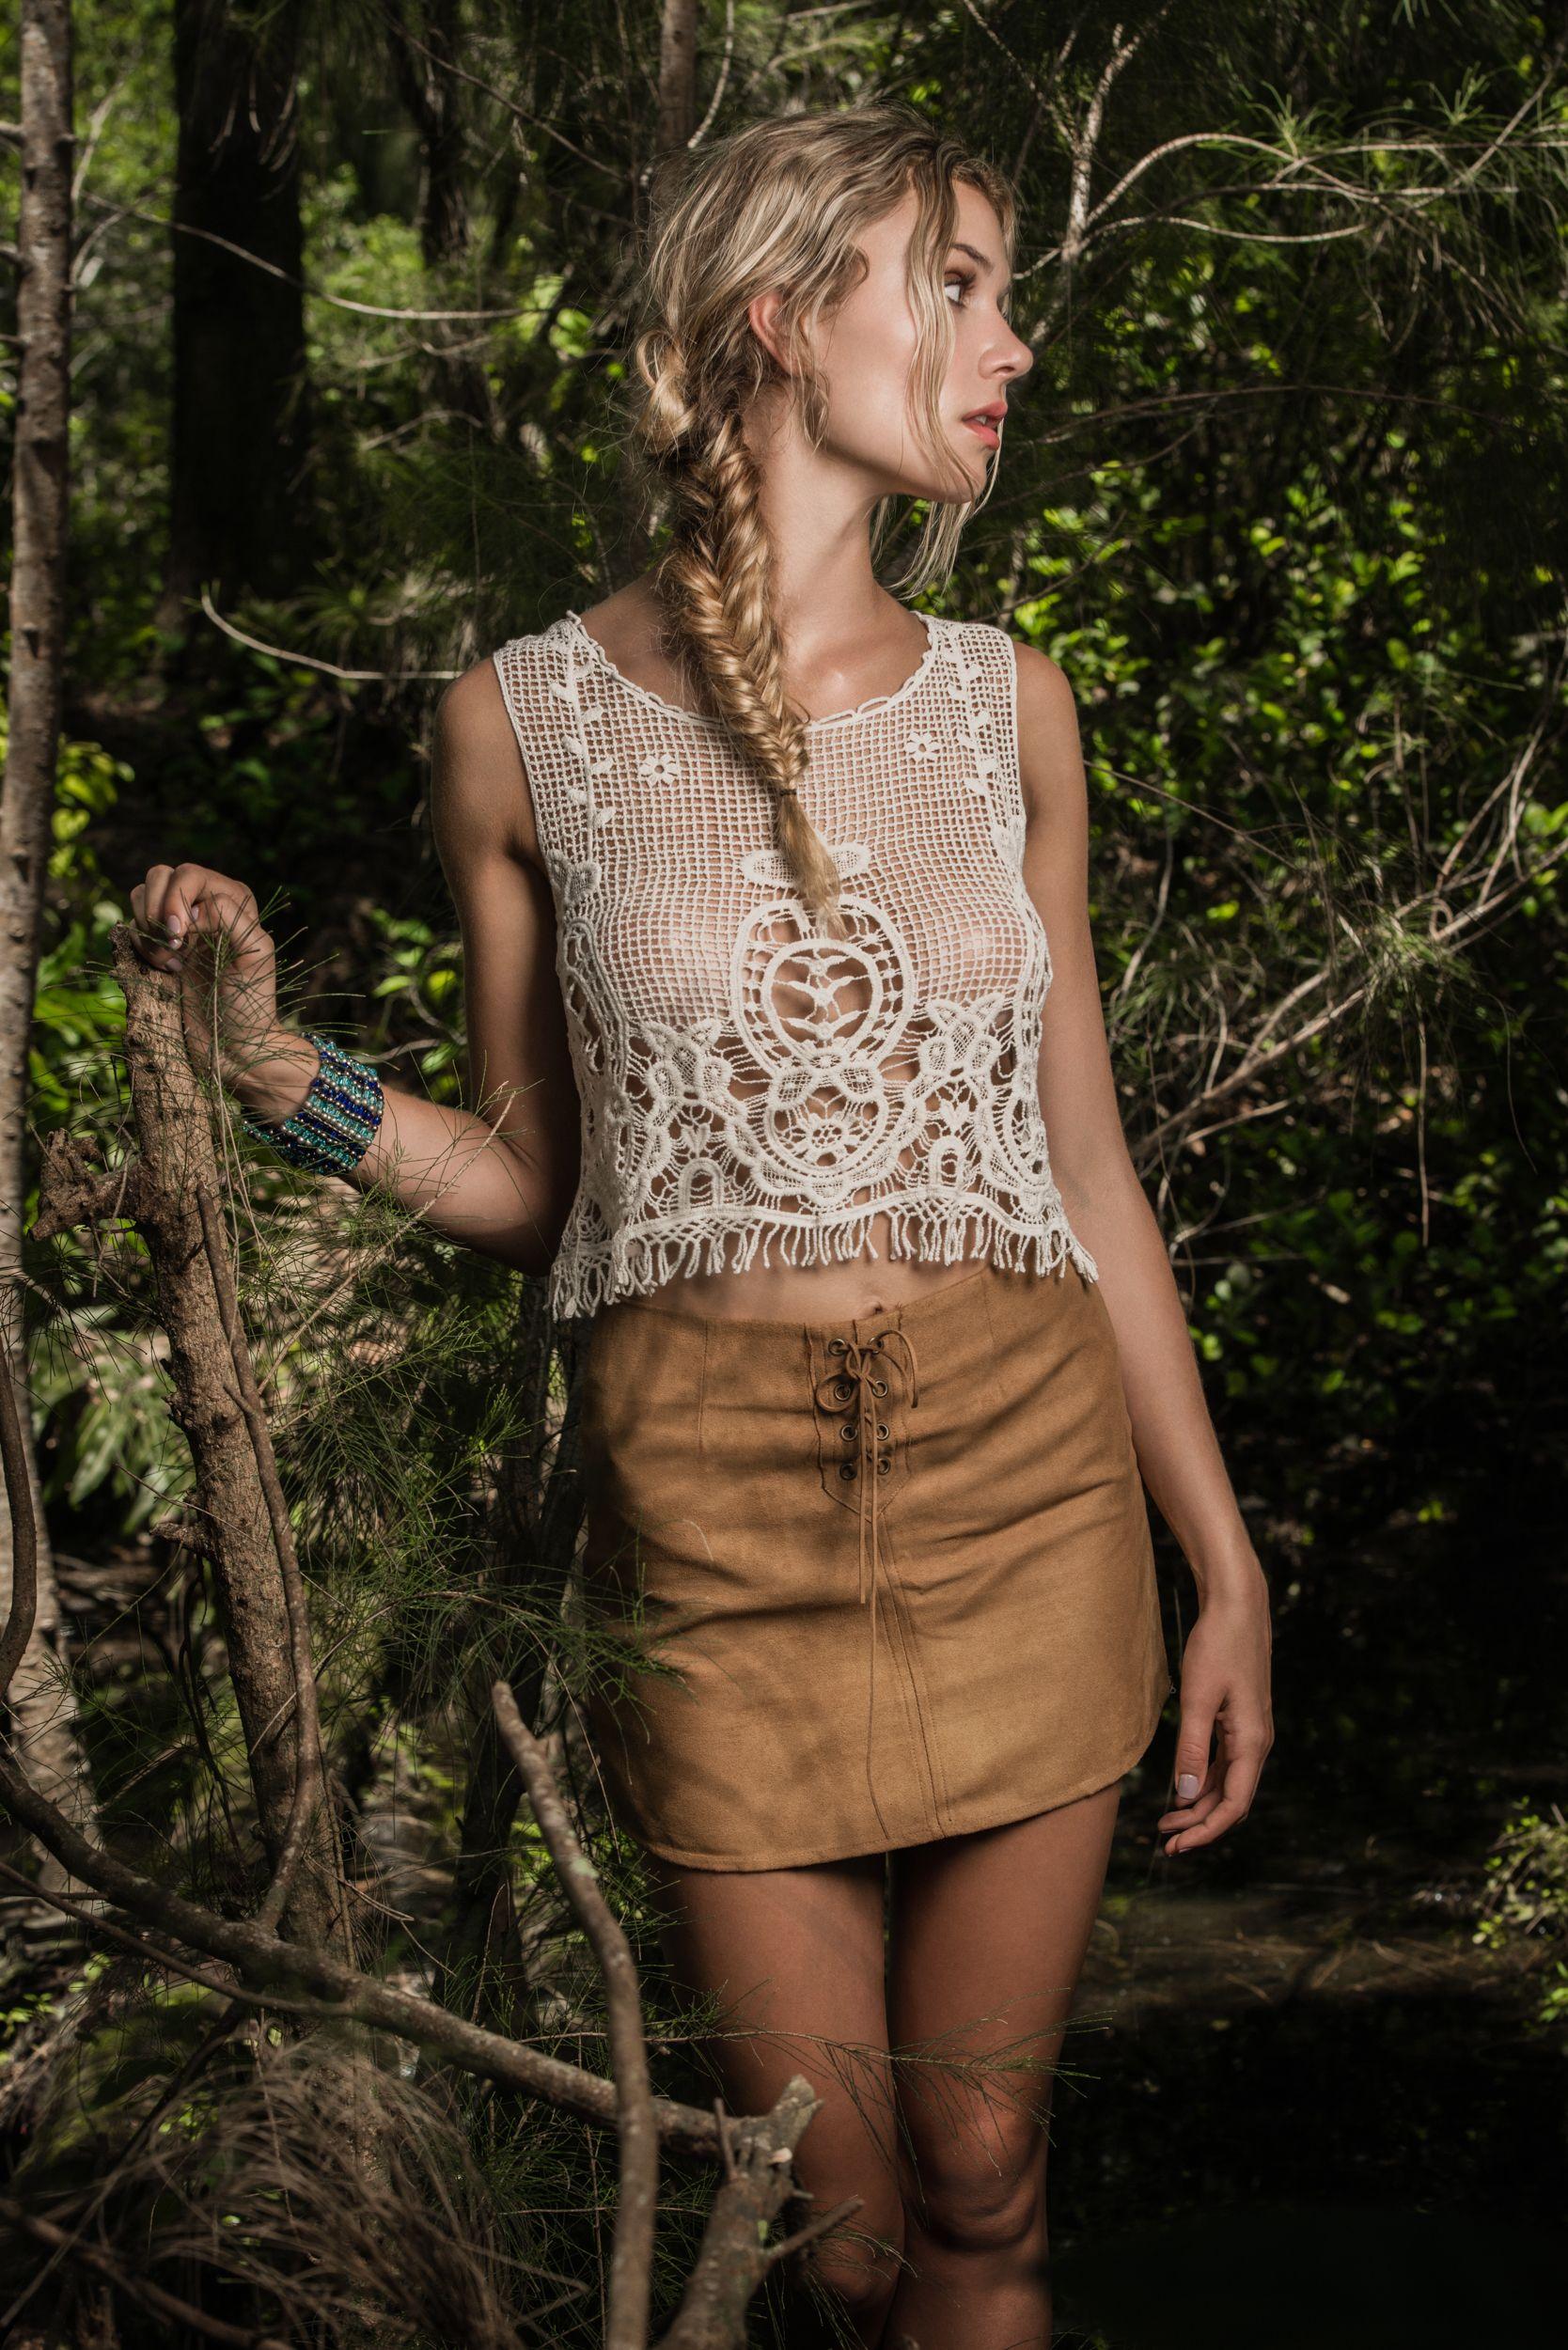 Model Portfolio Photographer Miami